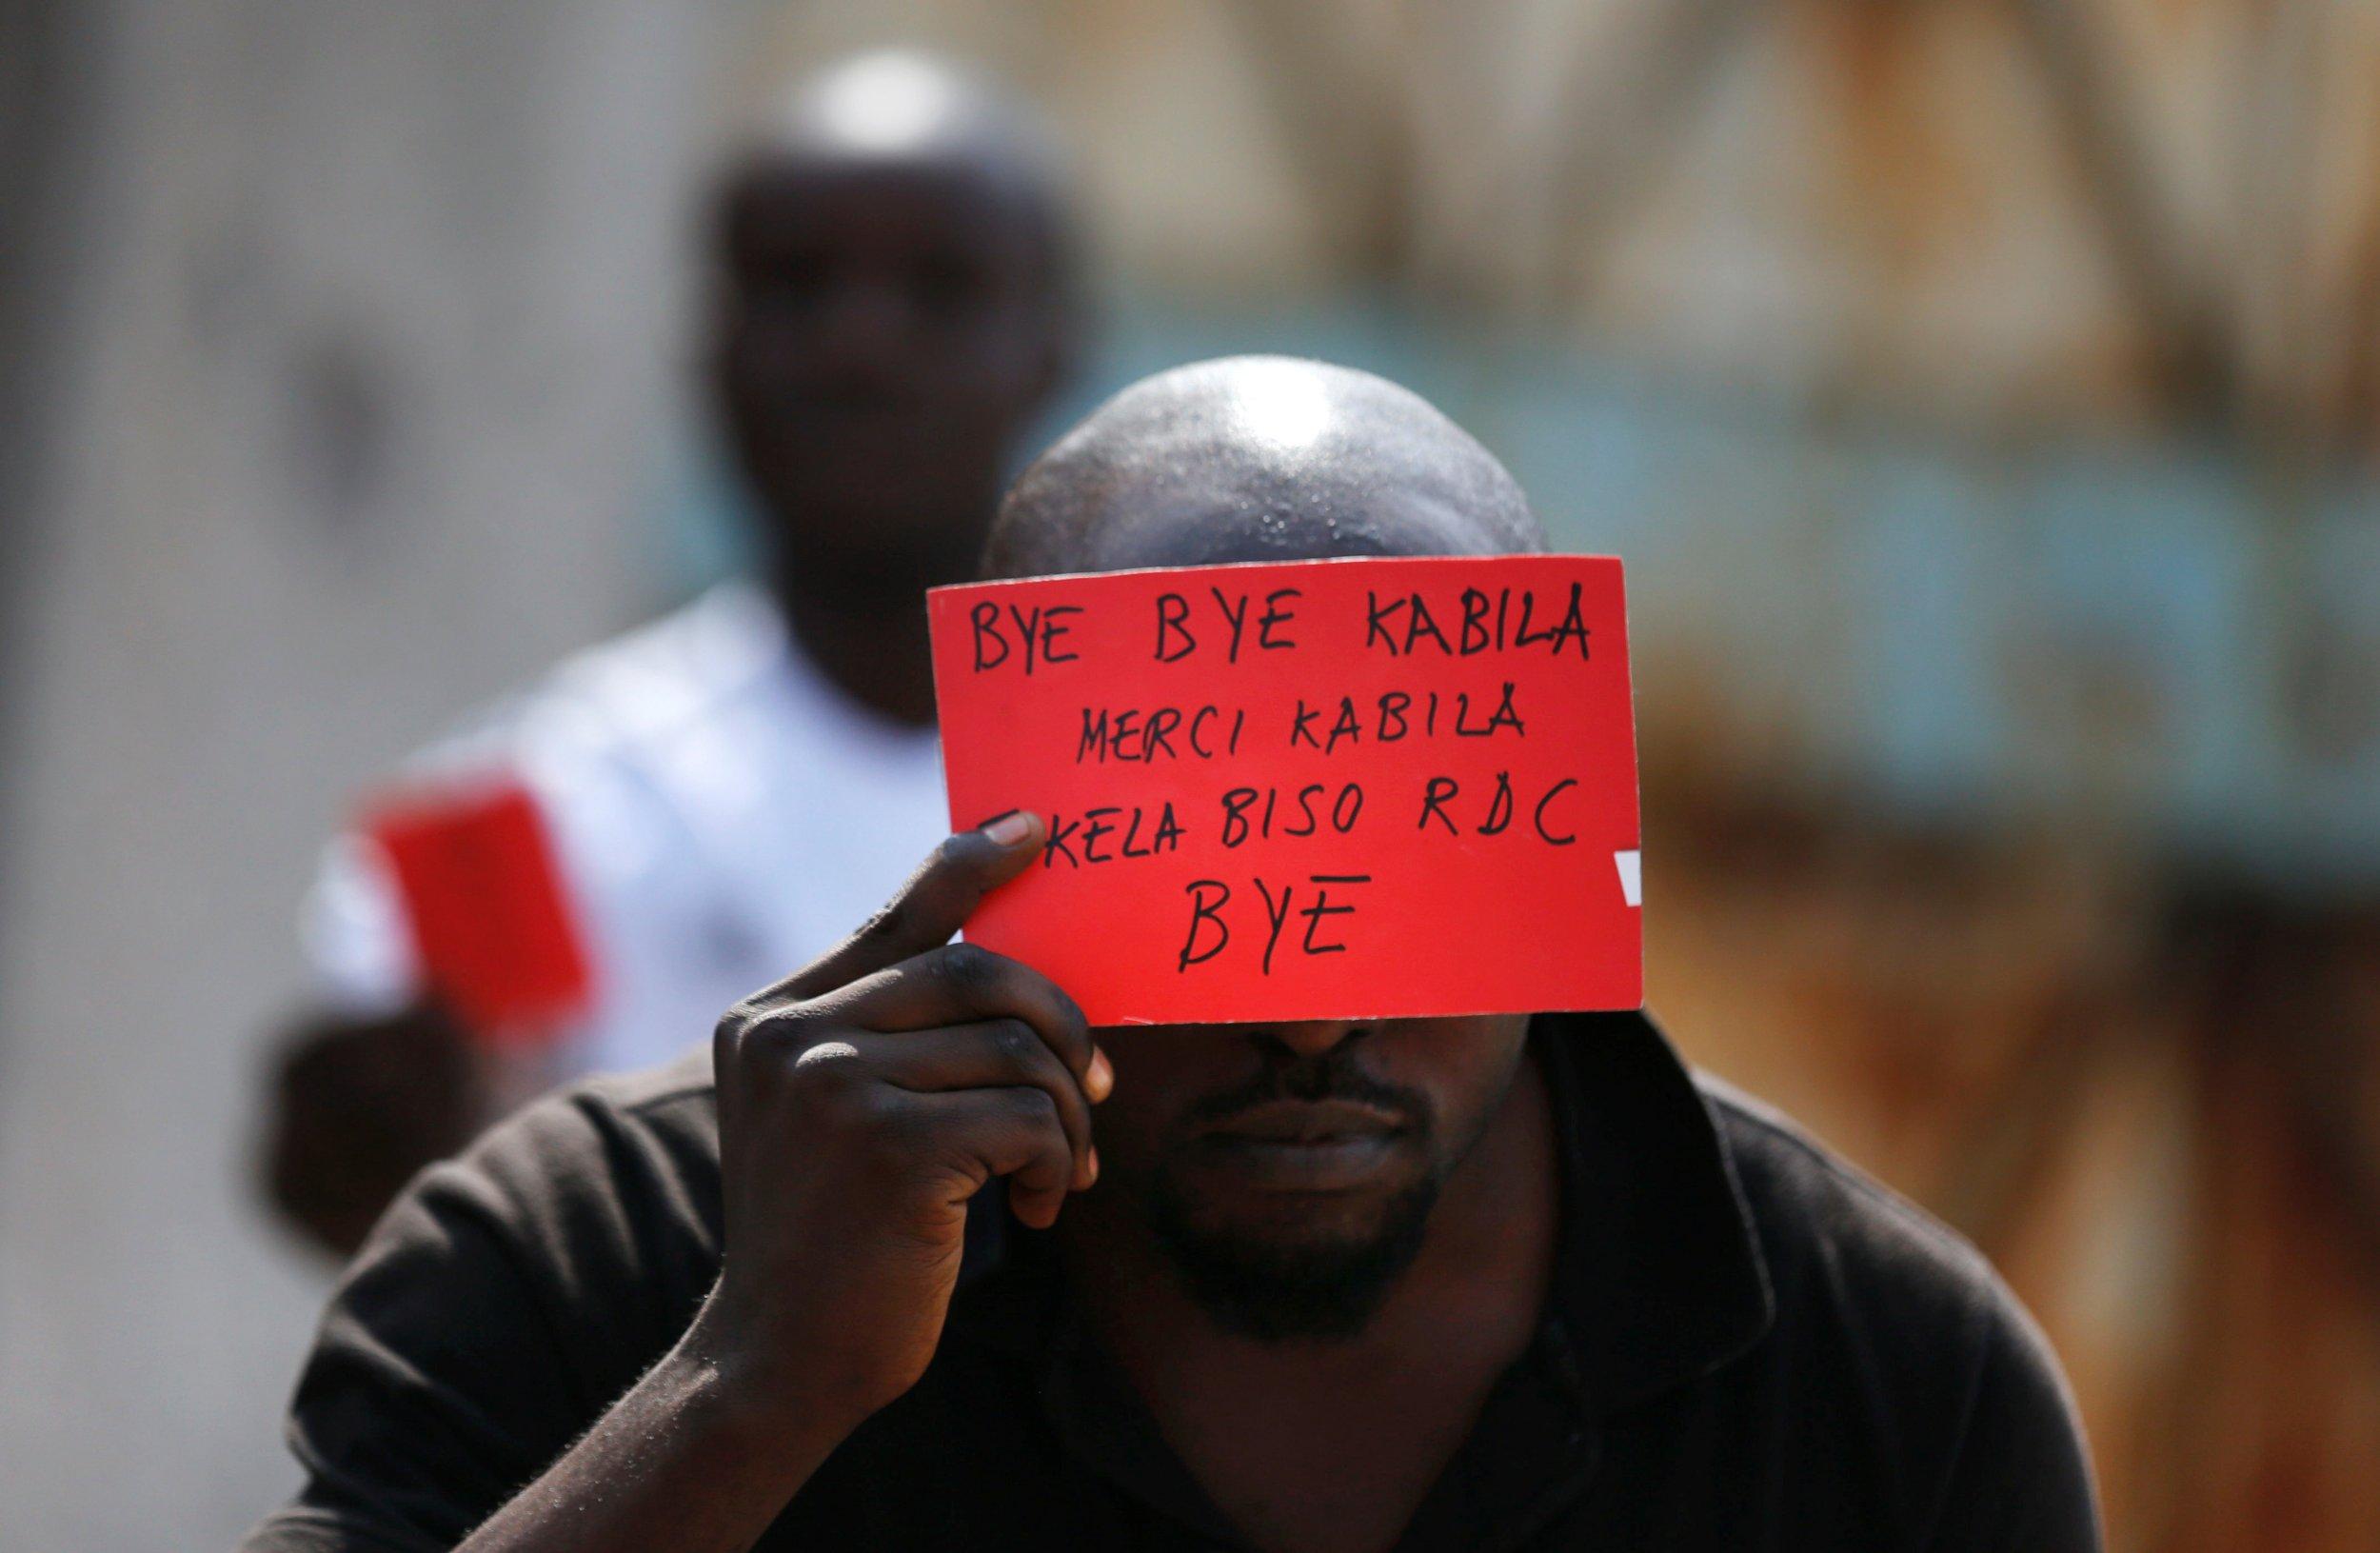 Congo protester